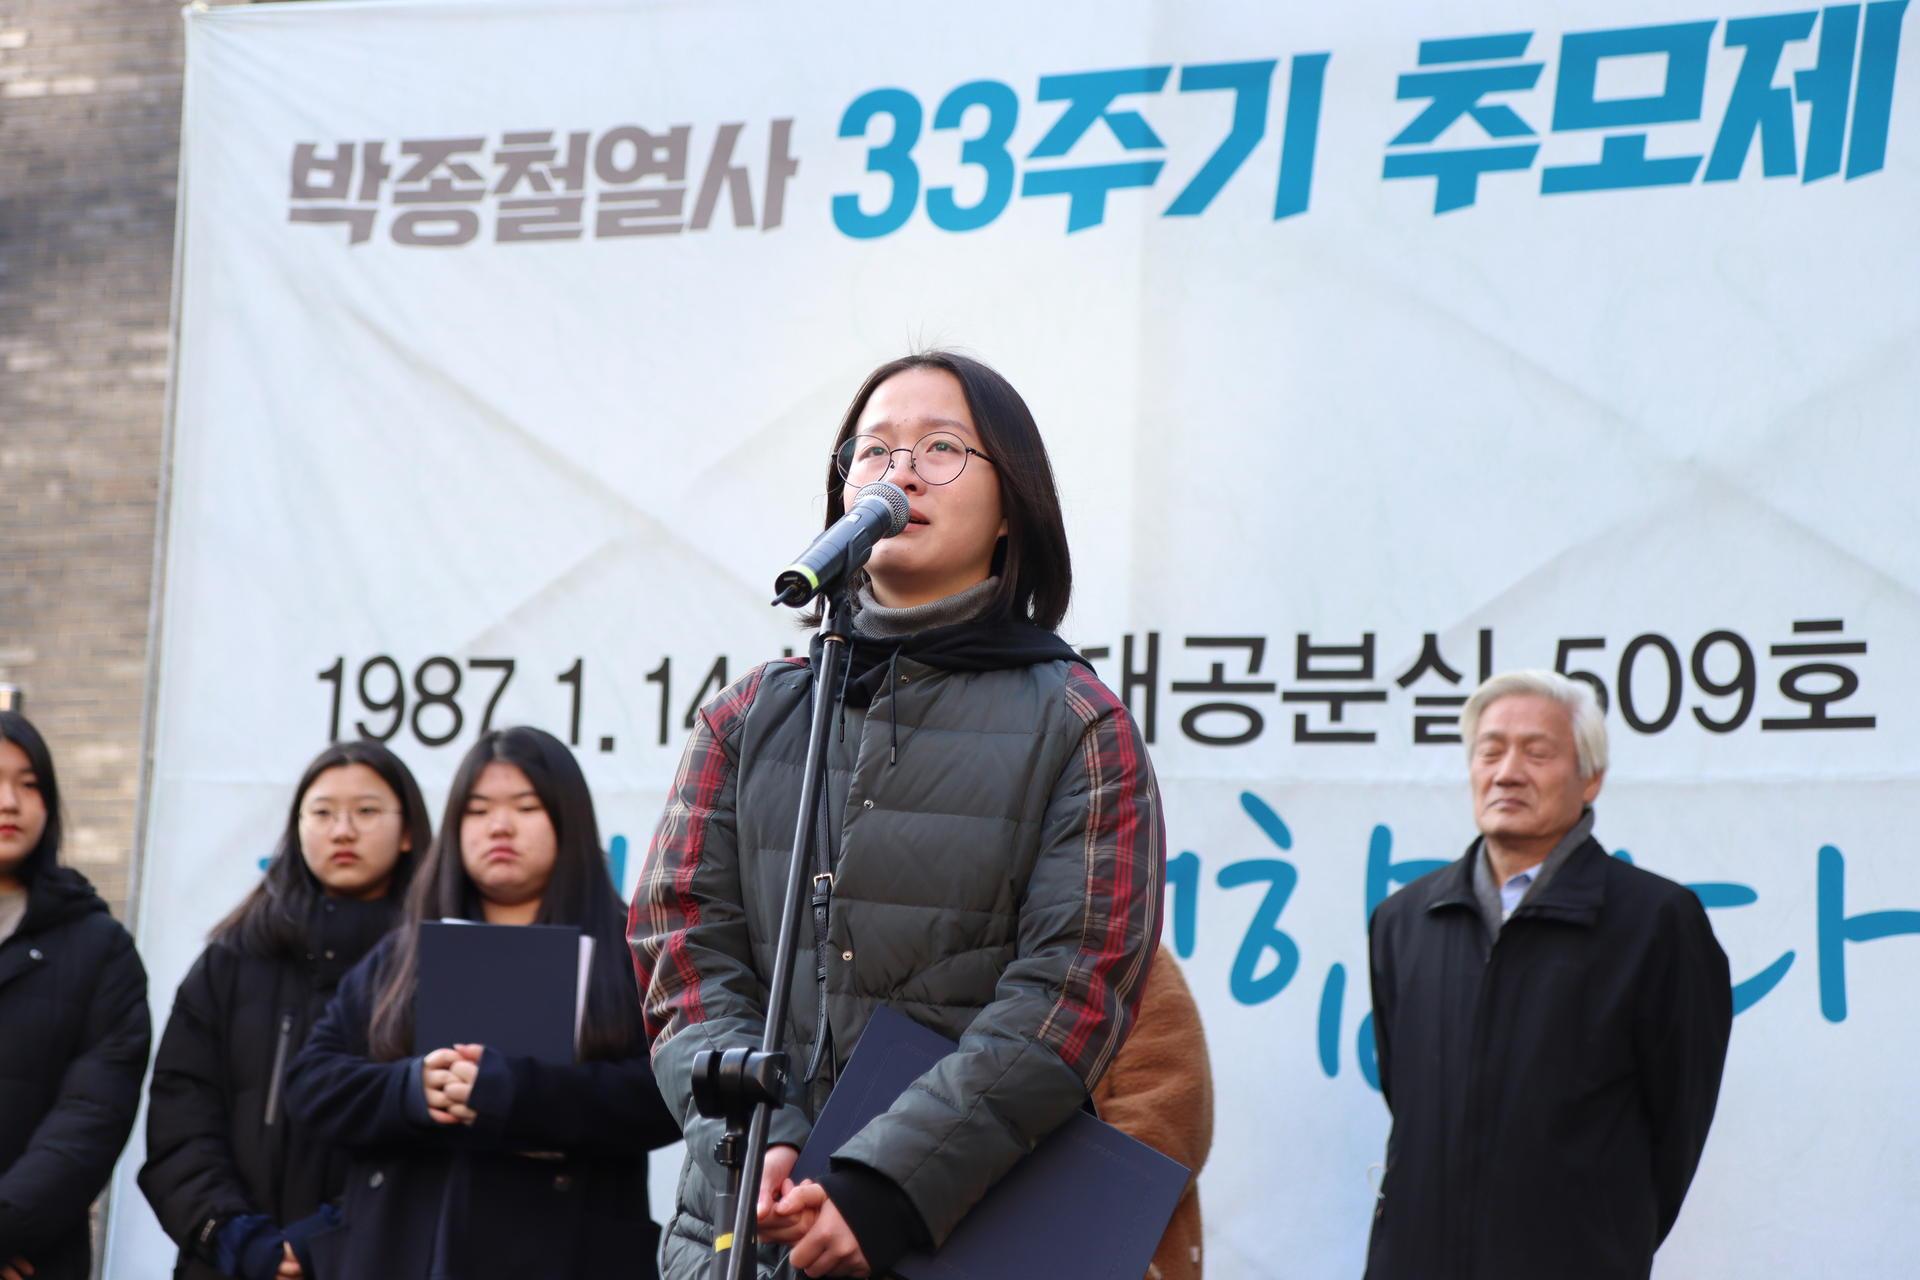 박종철장학금을 수여받은 스펙트럼의 김승현 활동가 발언 사진